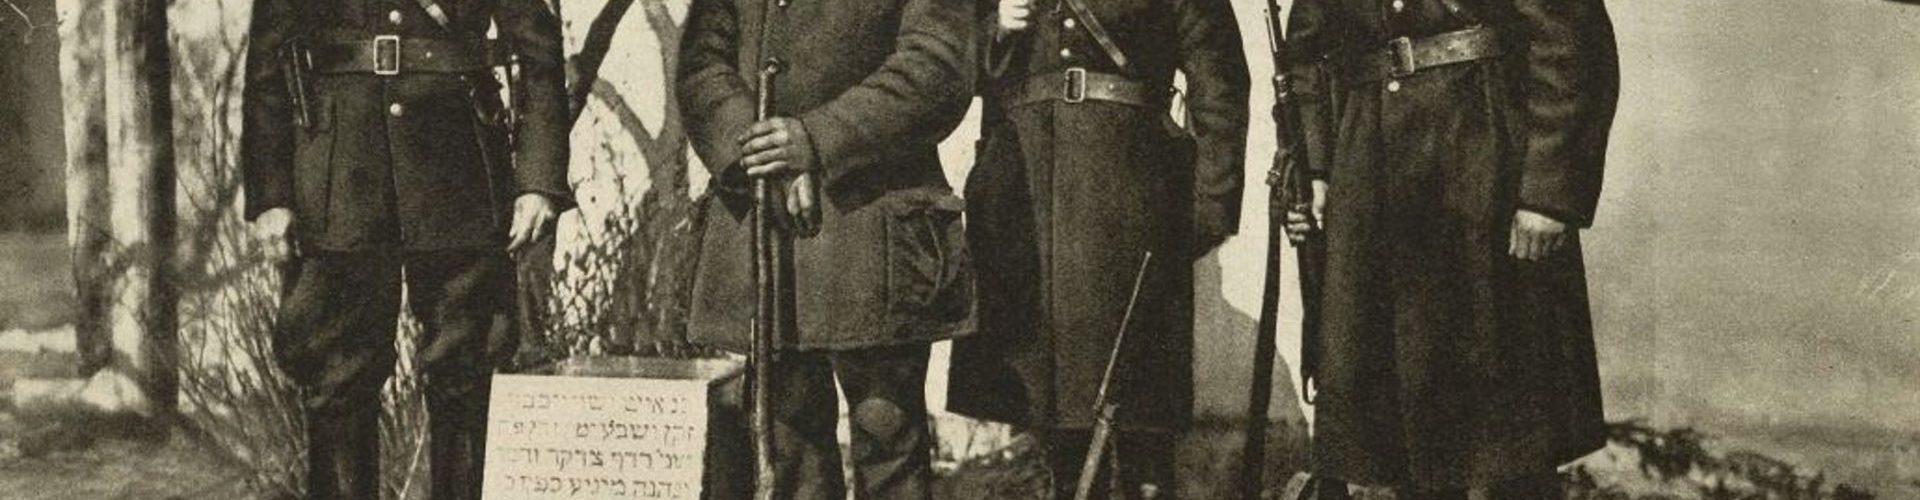 Nekrofil z Żyrardowa. Zdjęcie opublikowane w Światowidzie